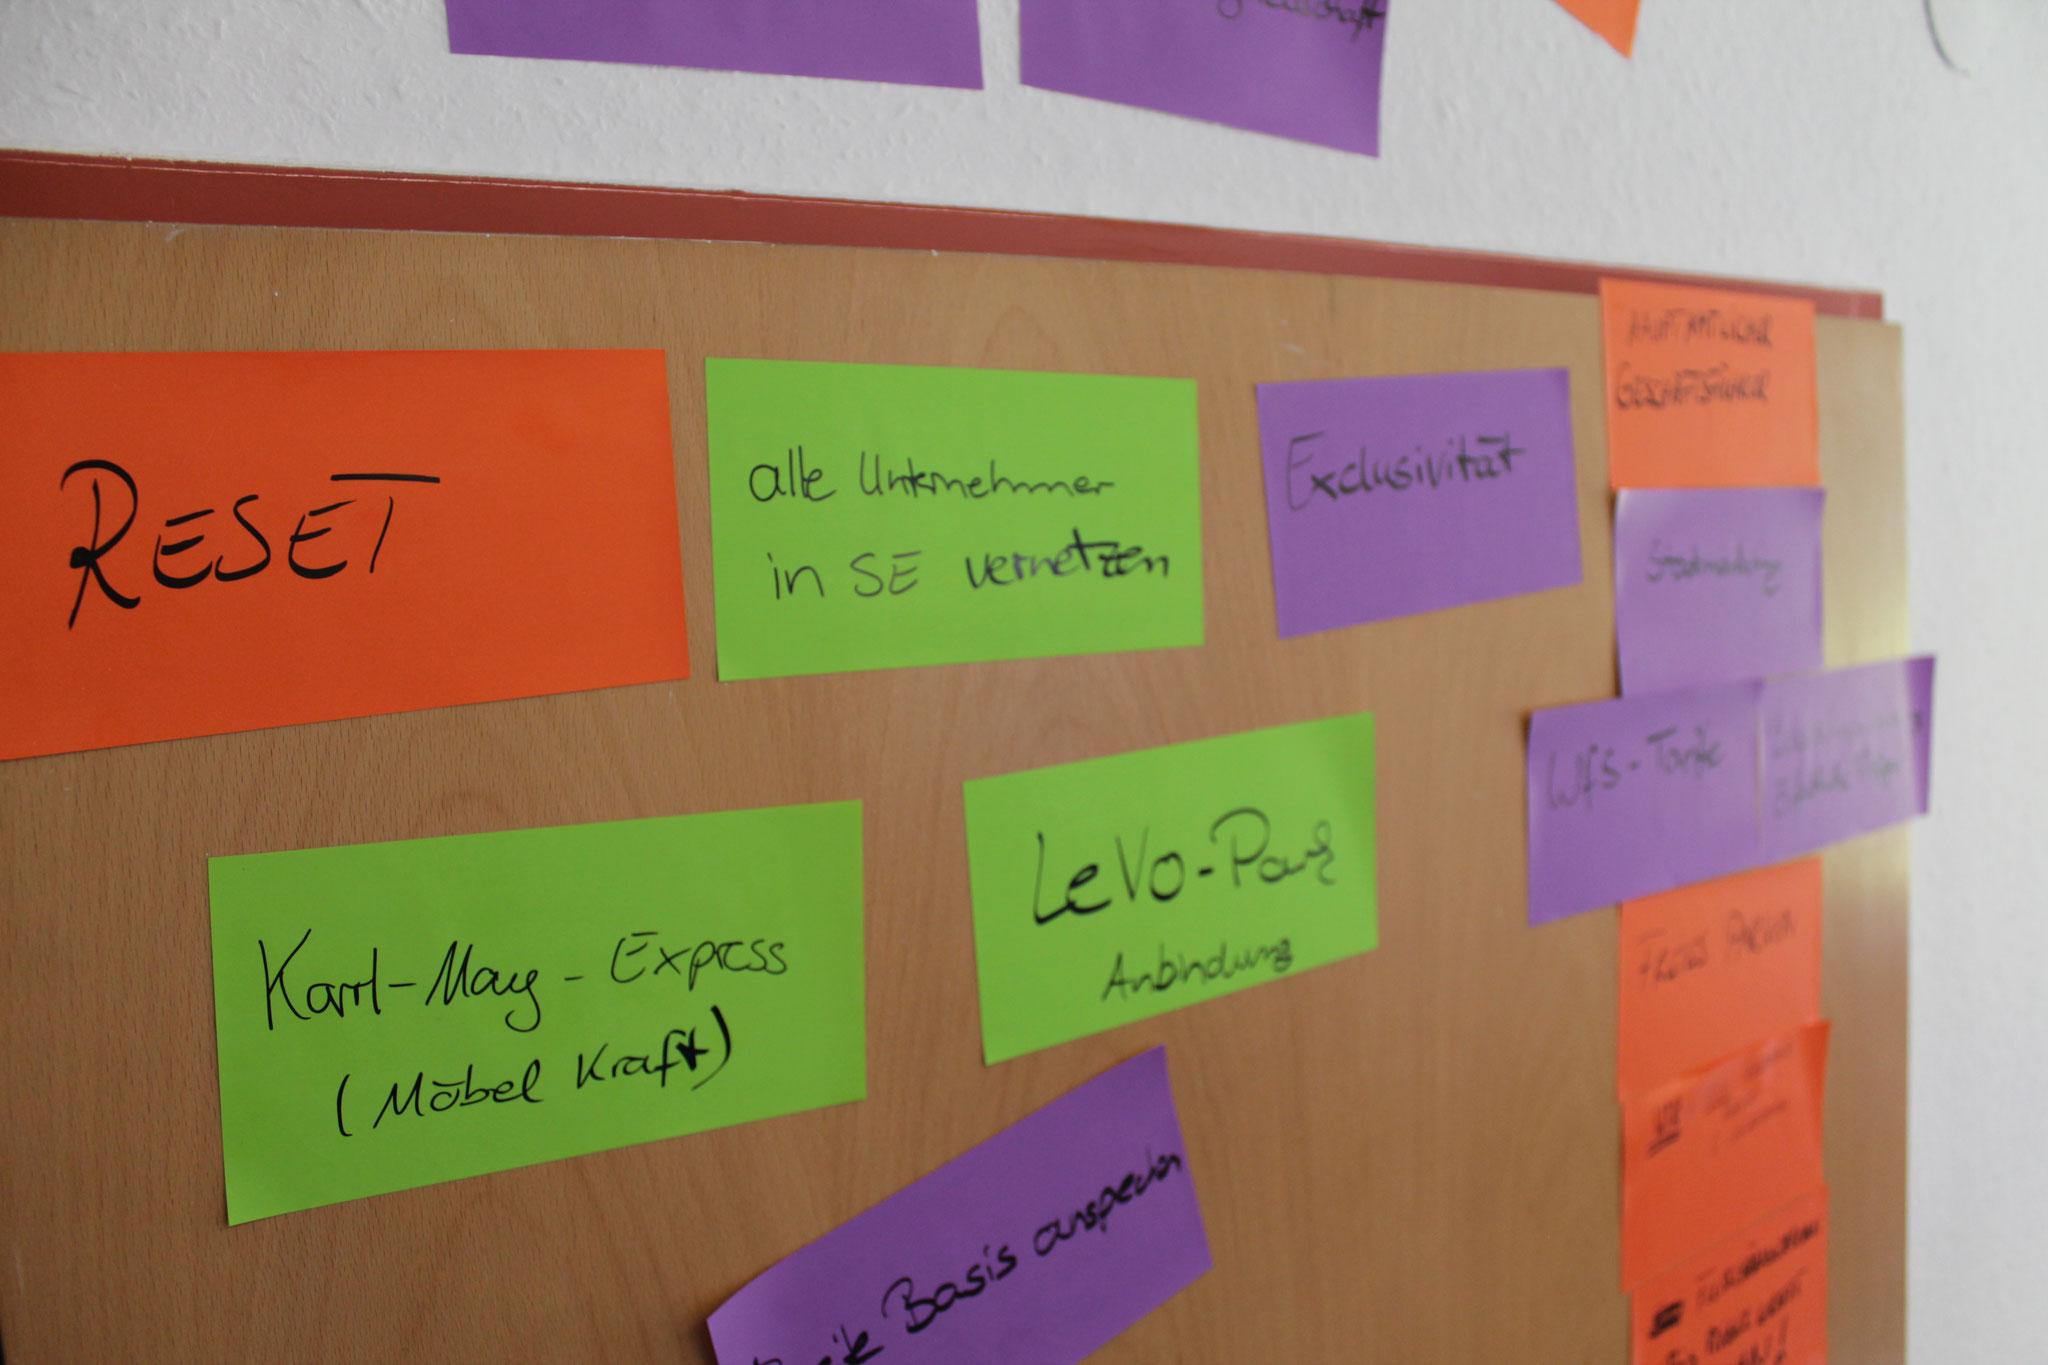 Oft möchten Teilnehmer aus den Rahmenbedingen heraus. Worauf warten Sie?